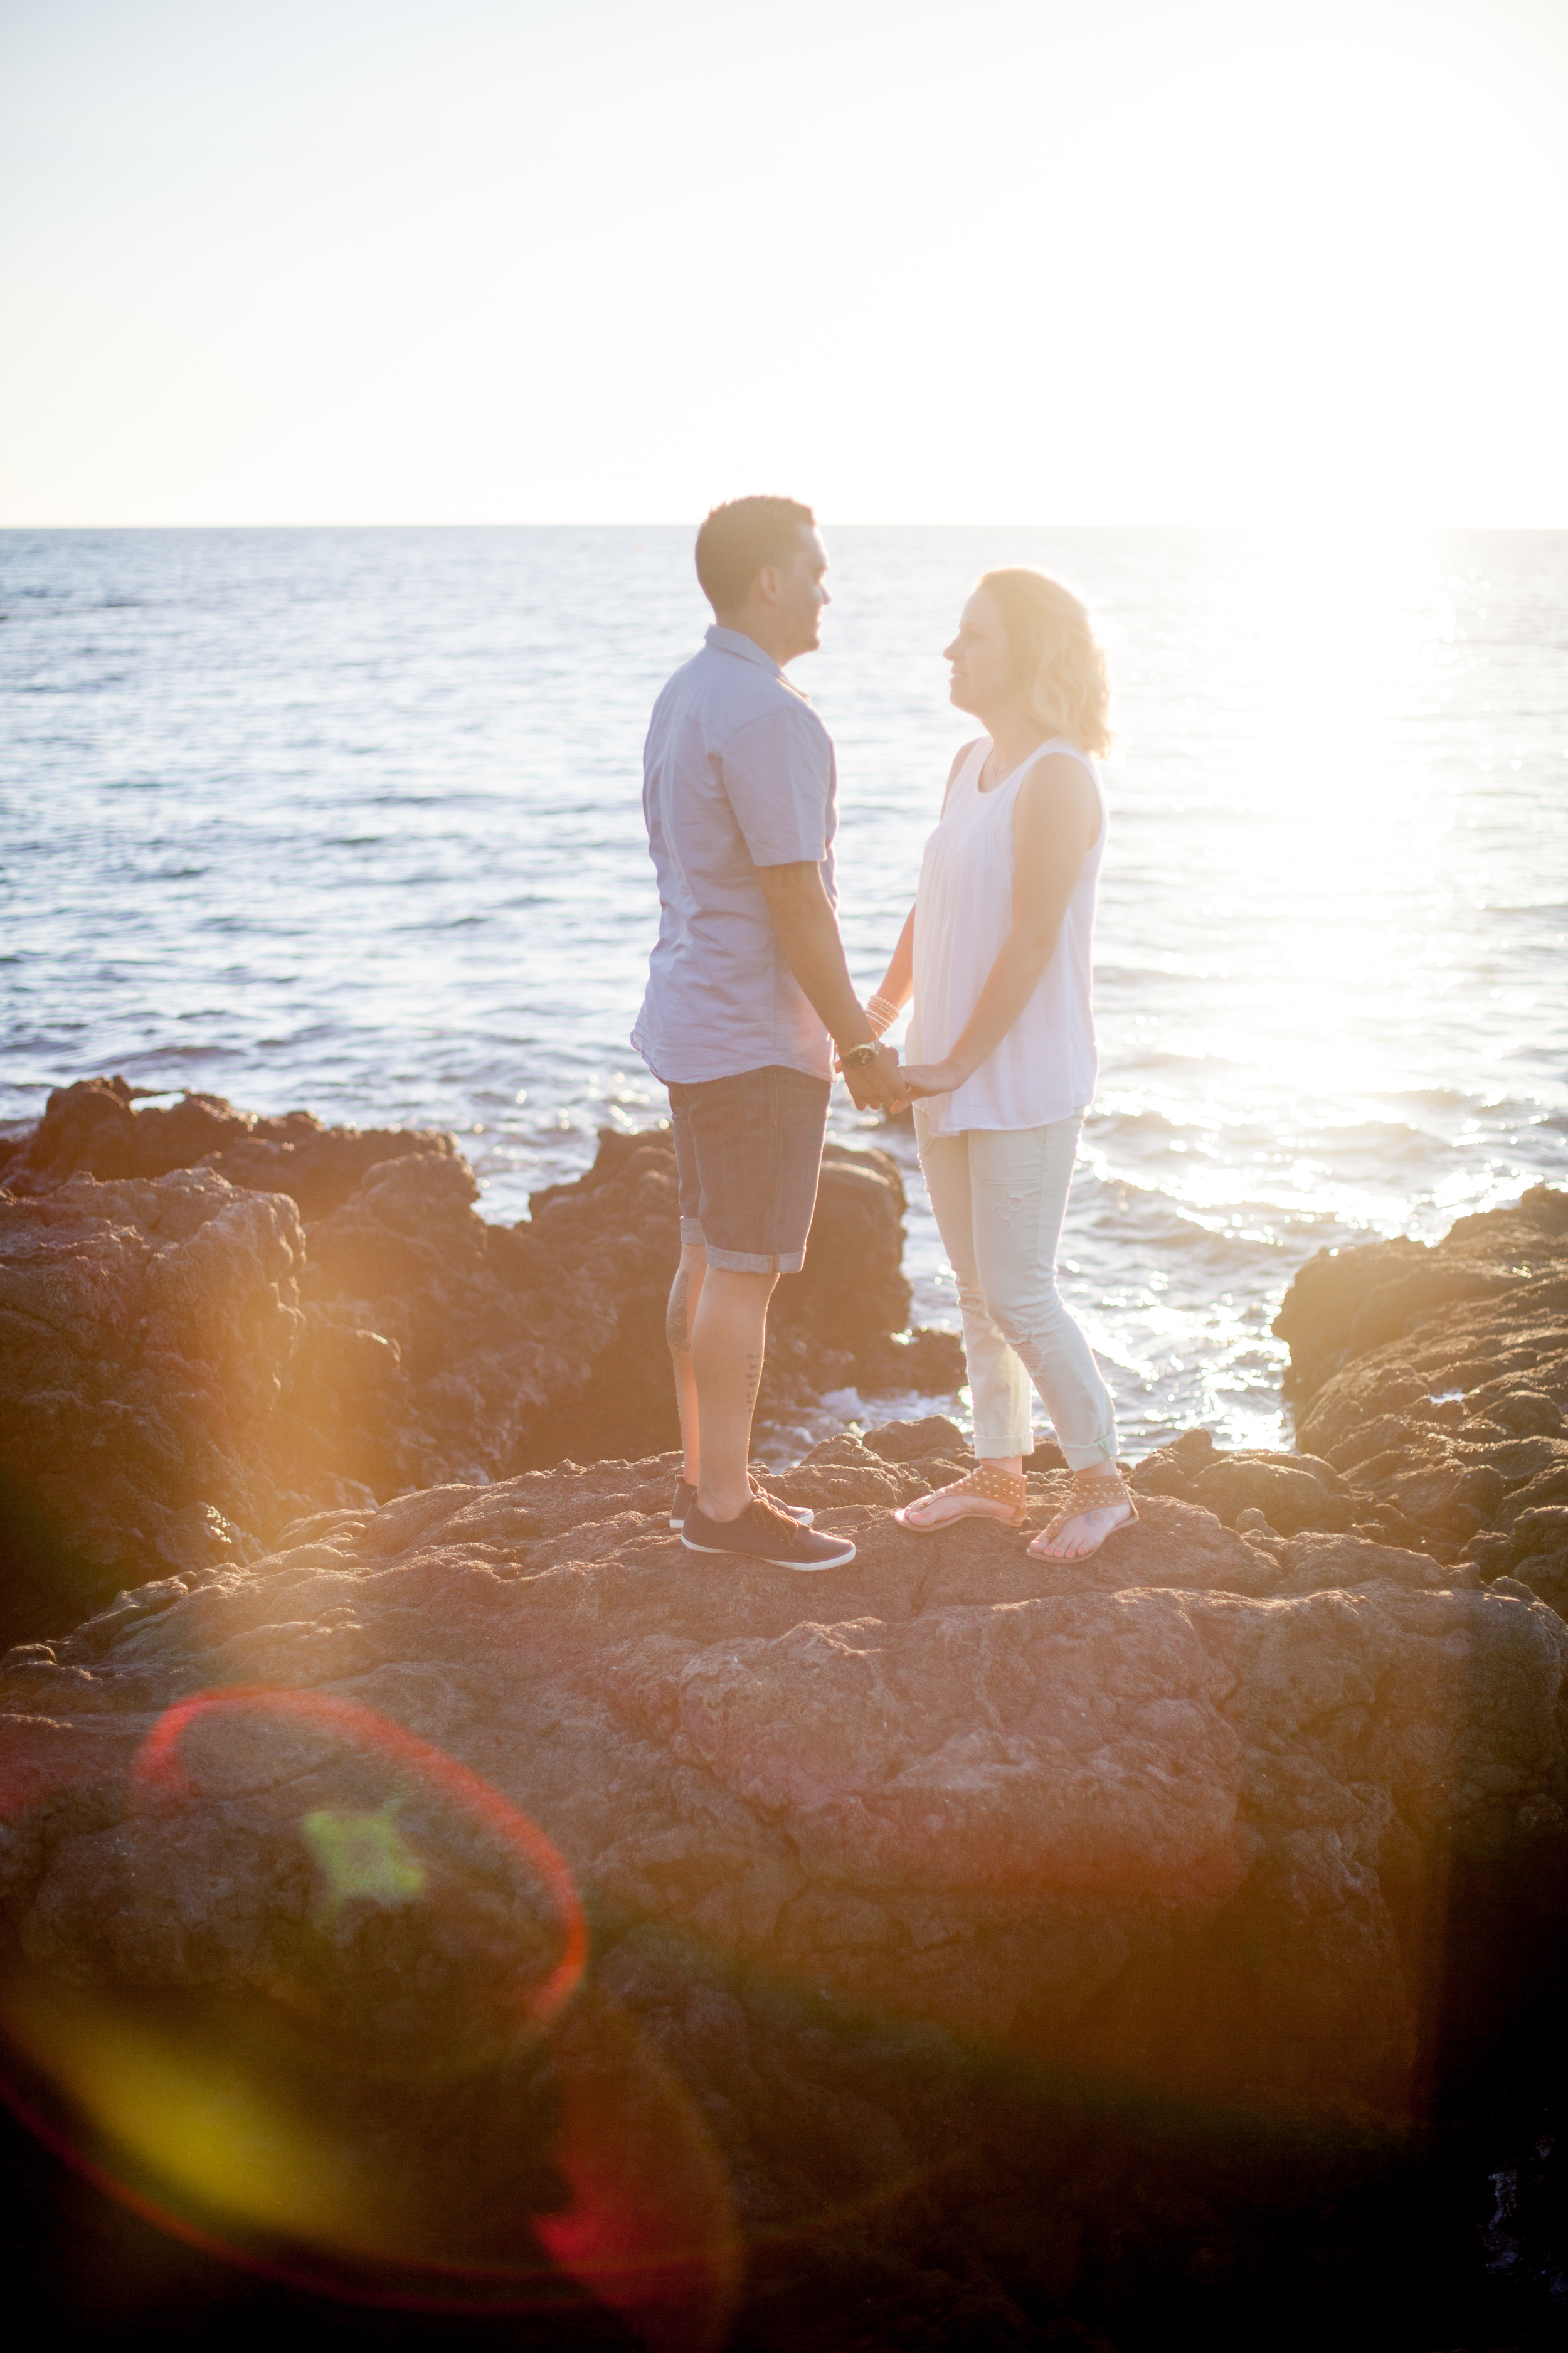 big island hawaii engagement photography 20150529183506-1.jpg